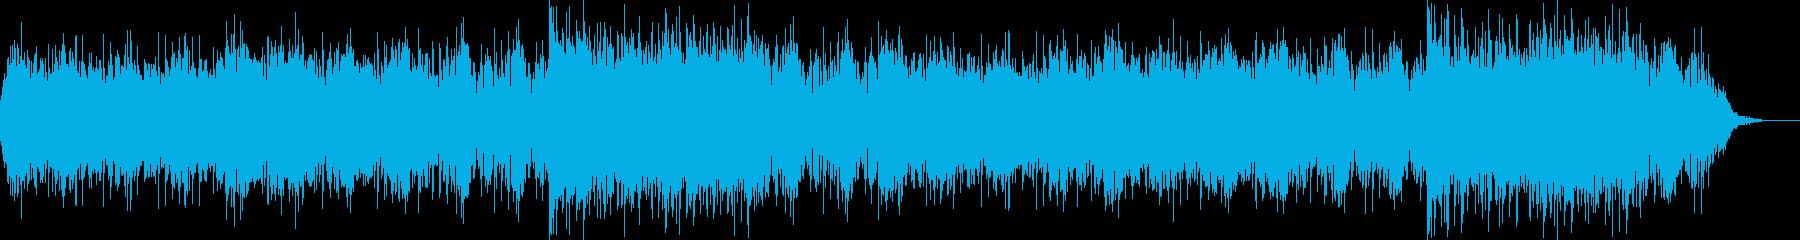 和風の再生済みの波形